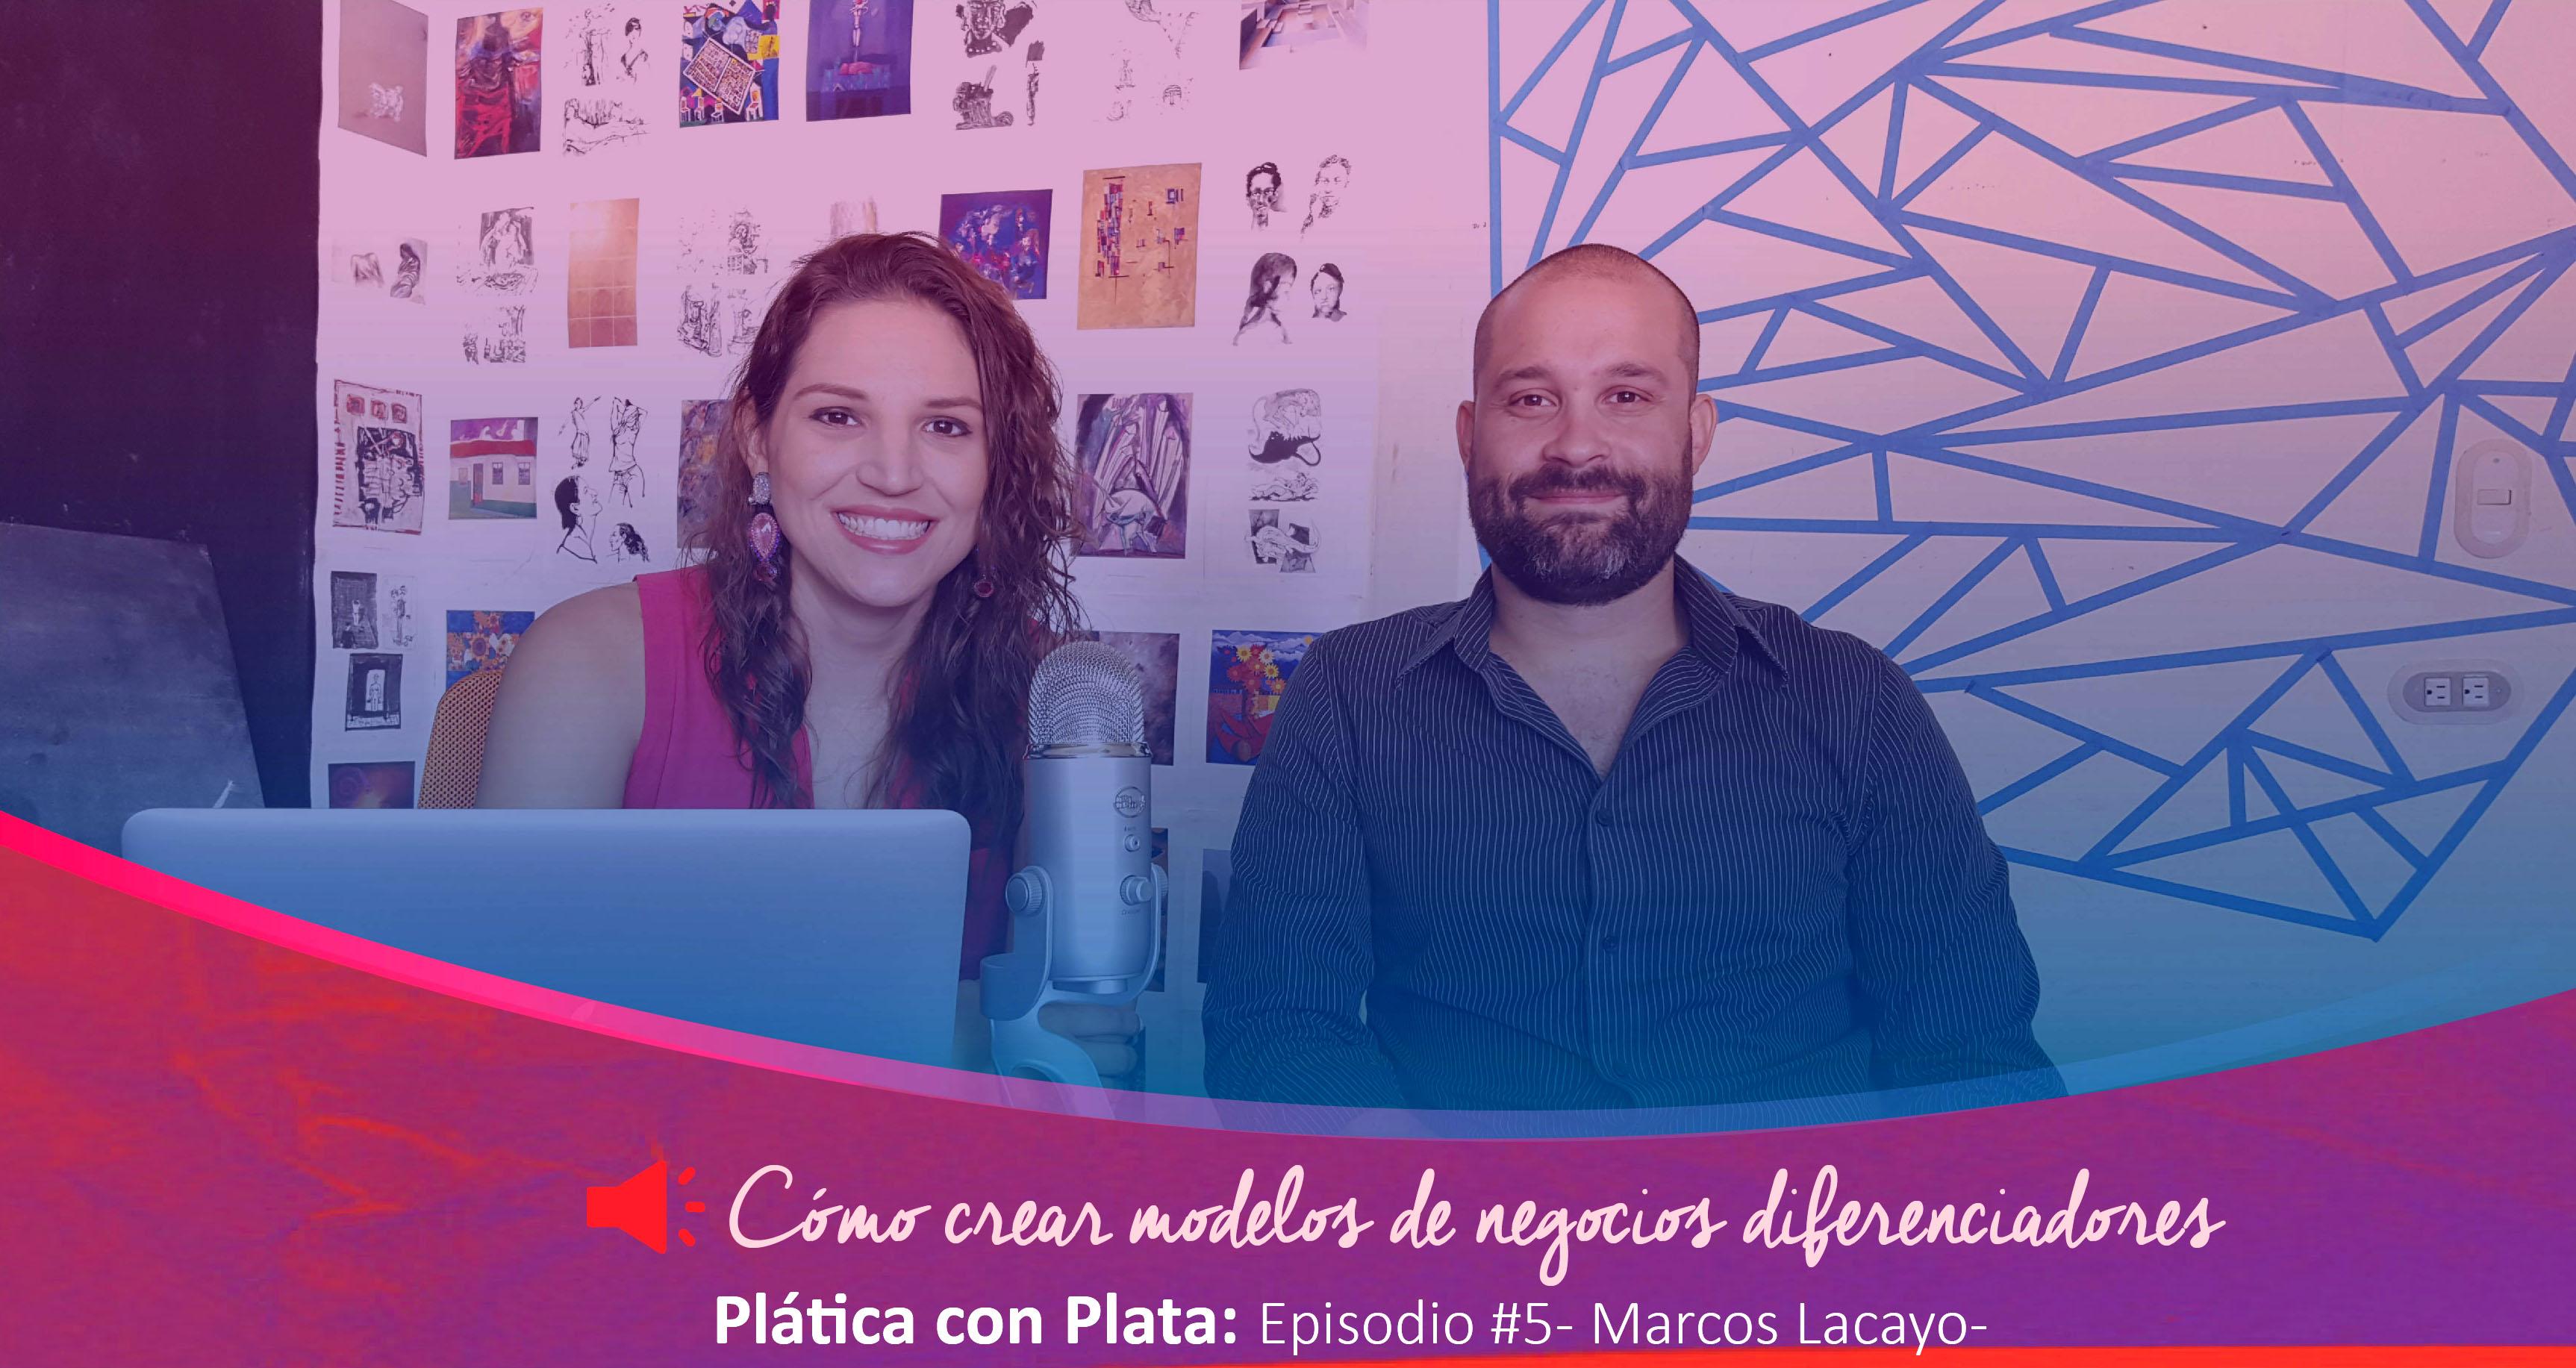 Marcos Lacayo Plática con Plata